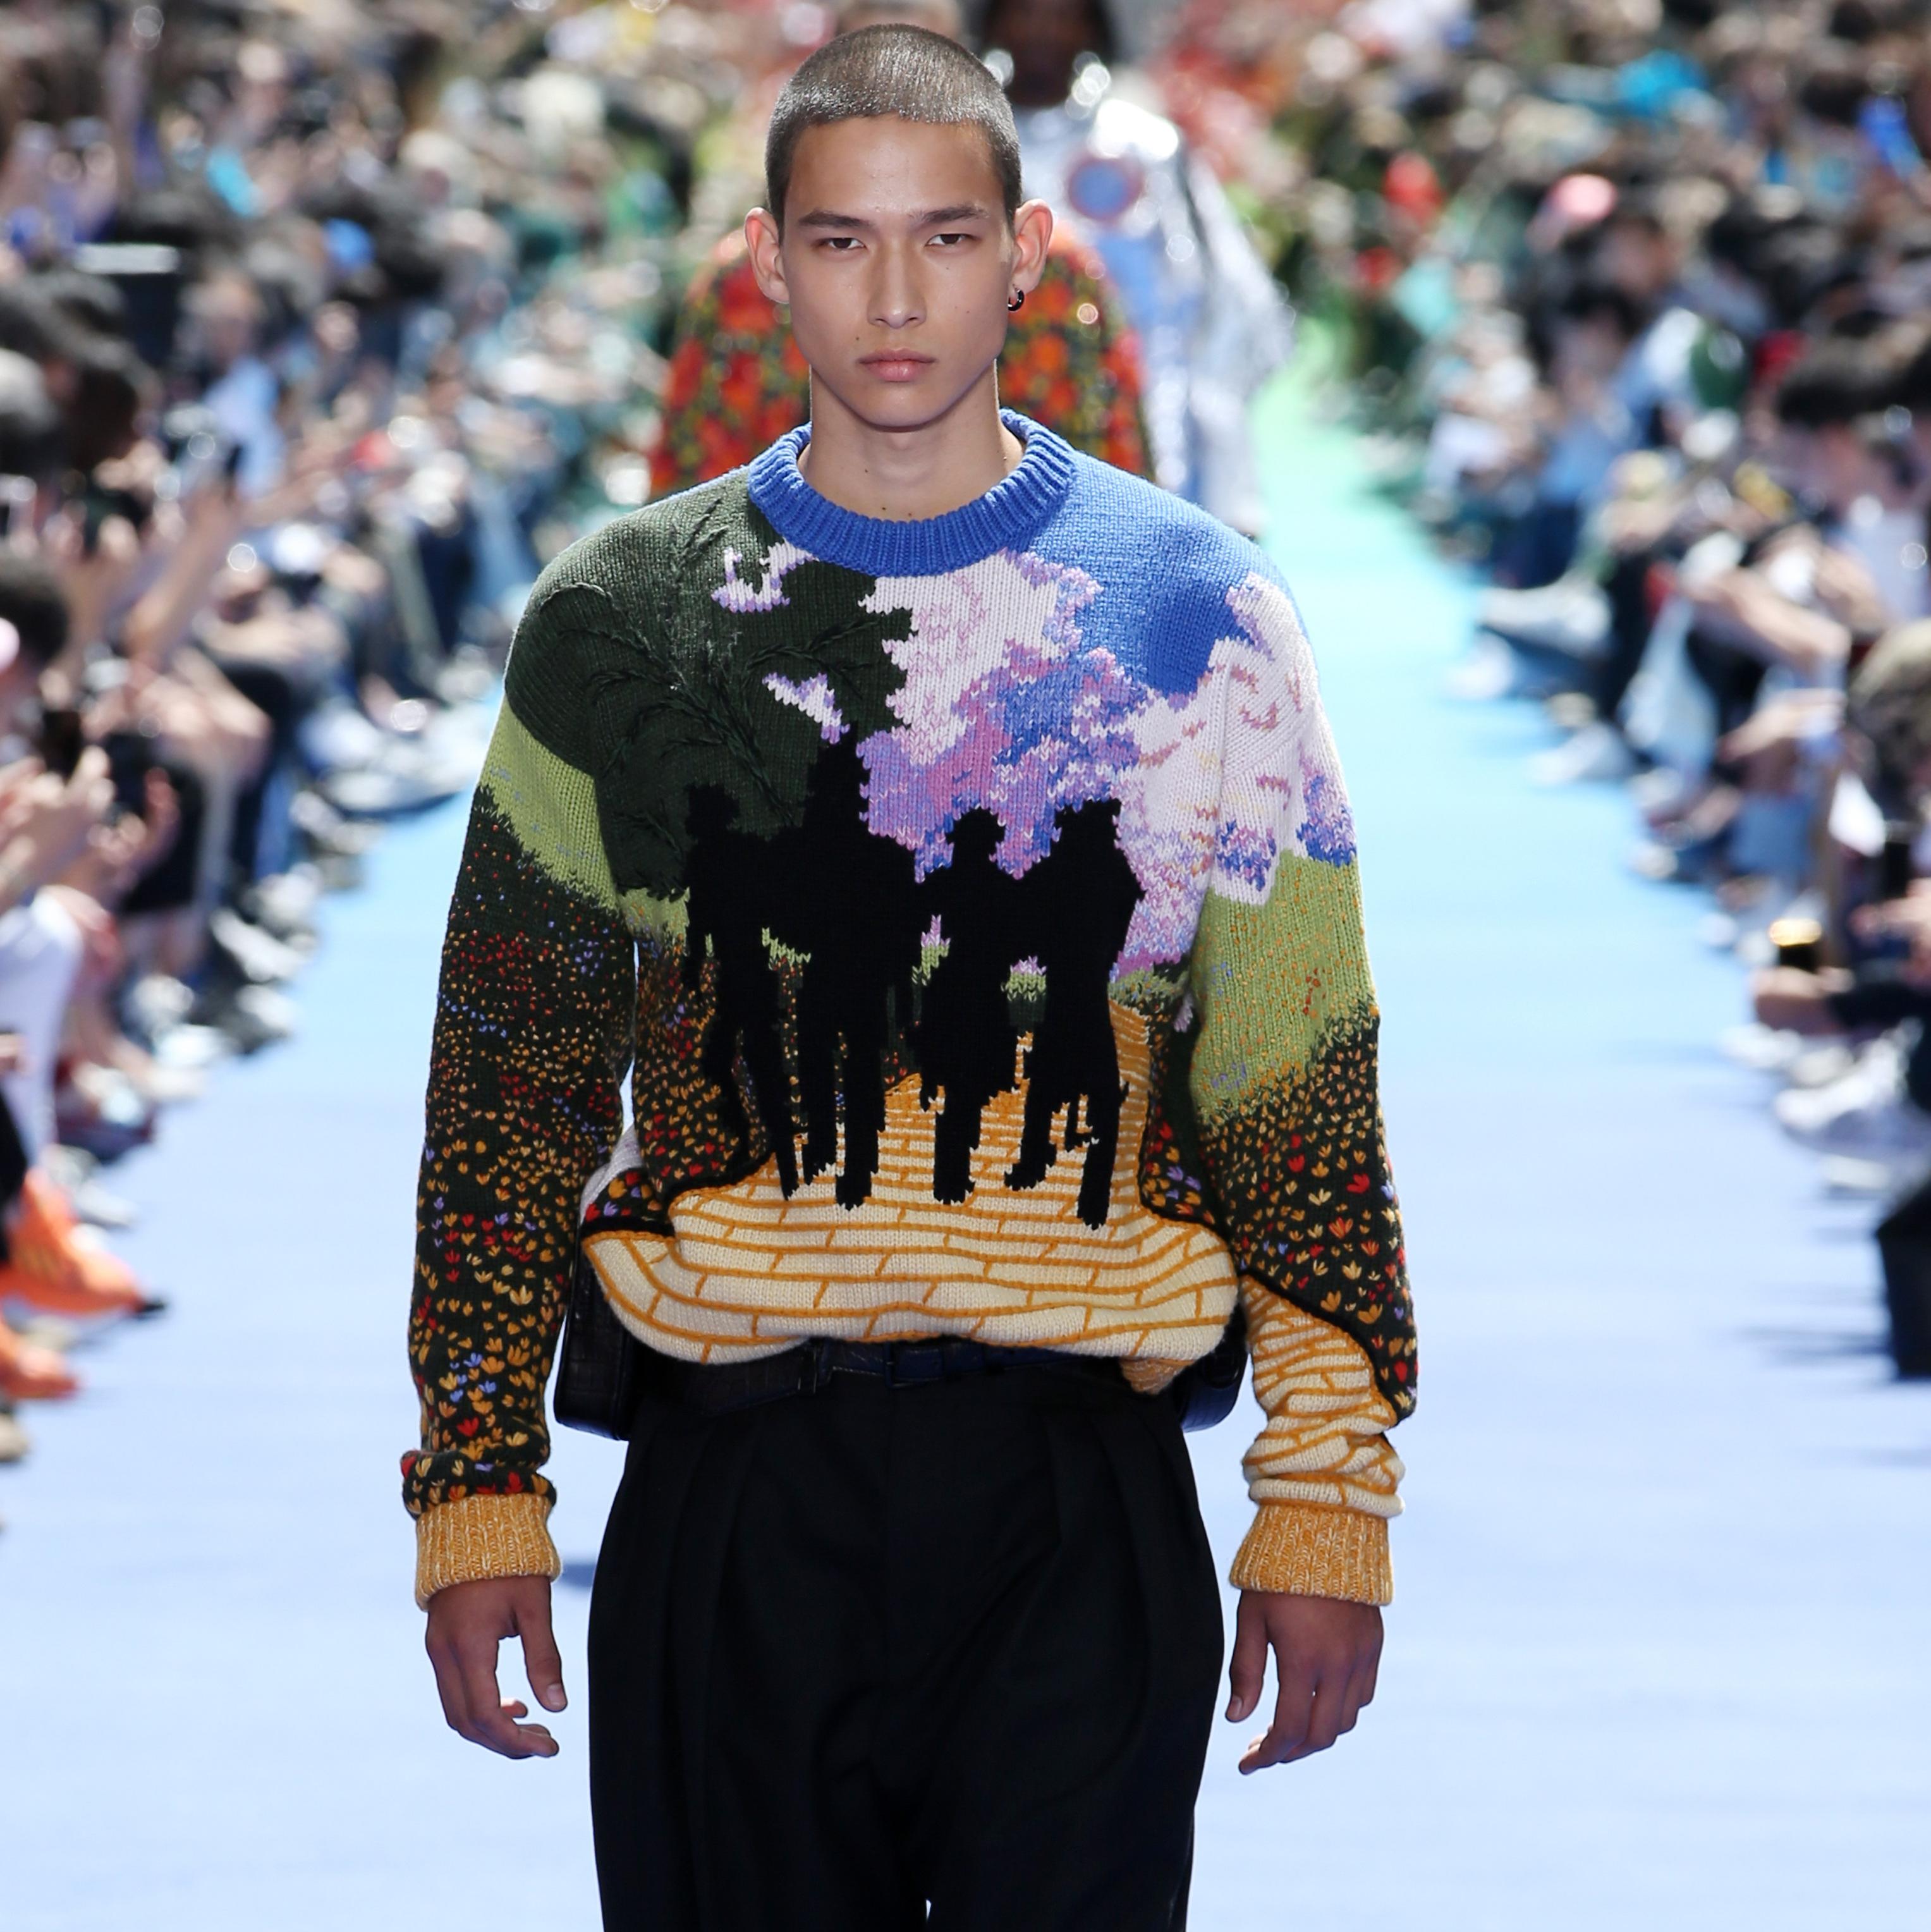 未來摩登主義─Louis Vuitton 2019 春夏系列